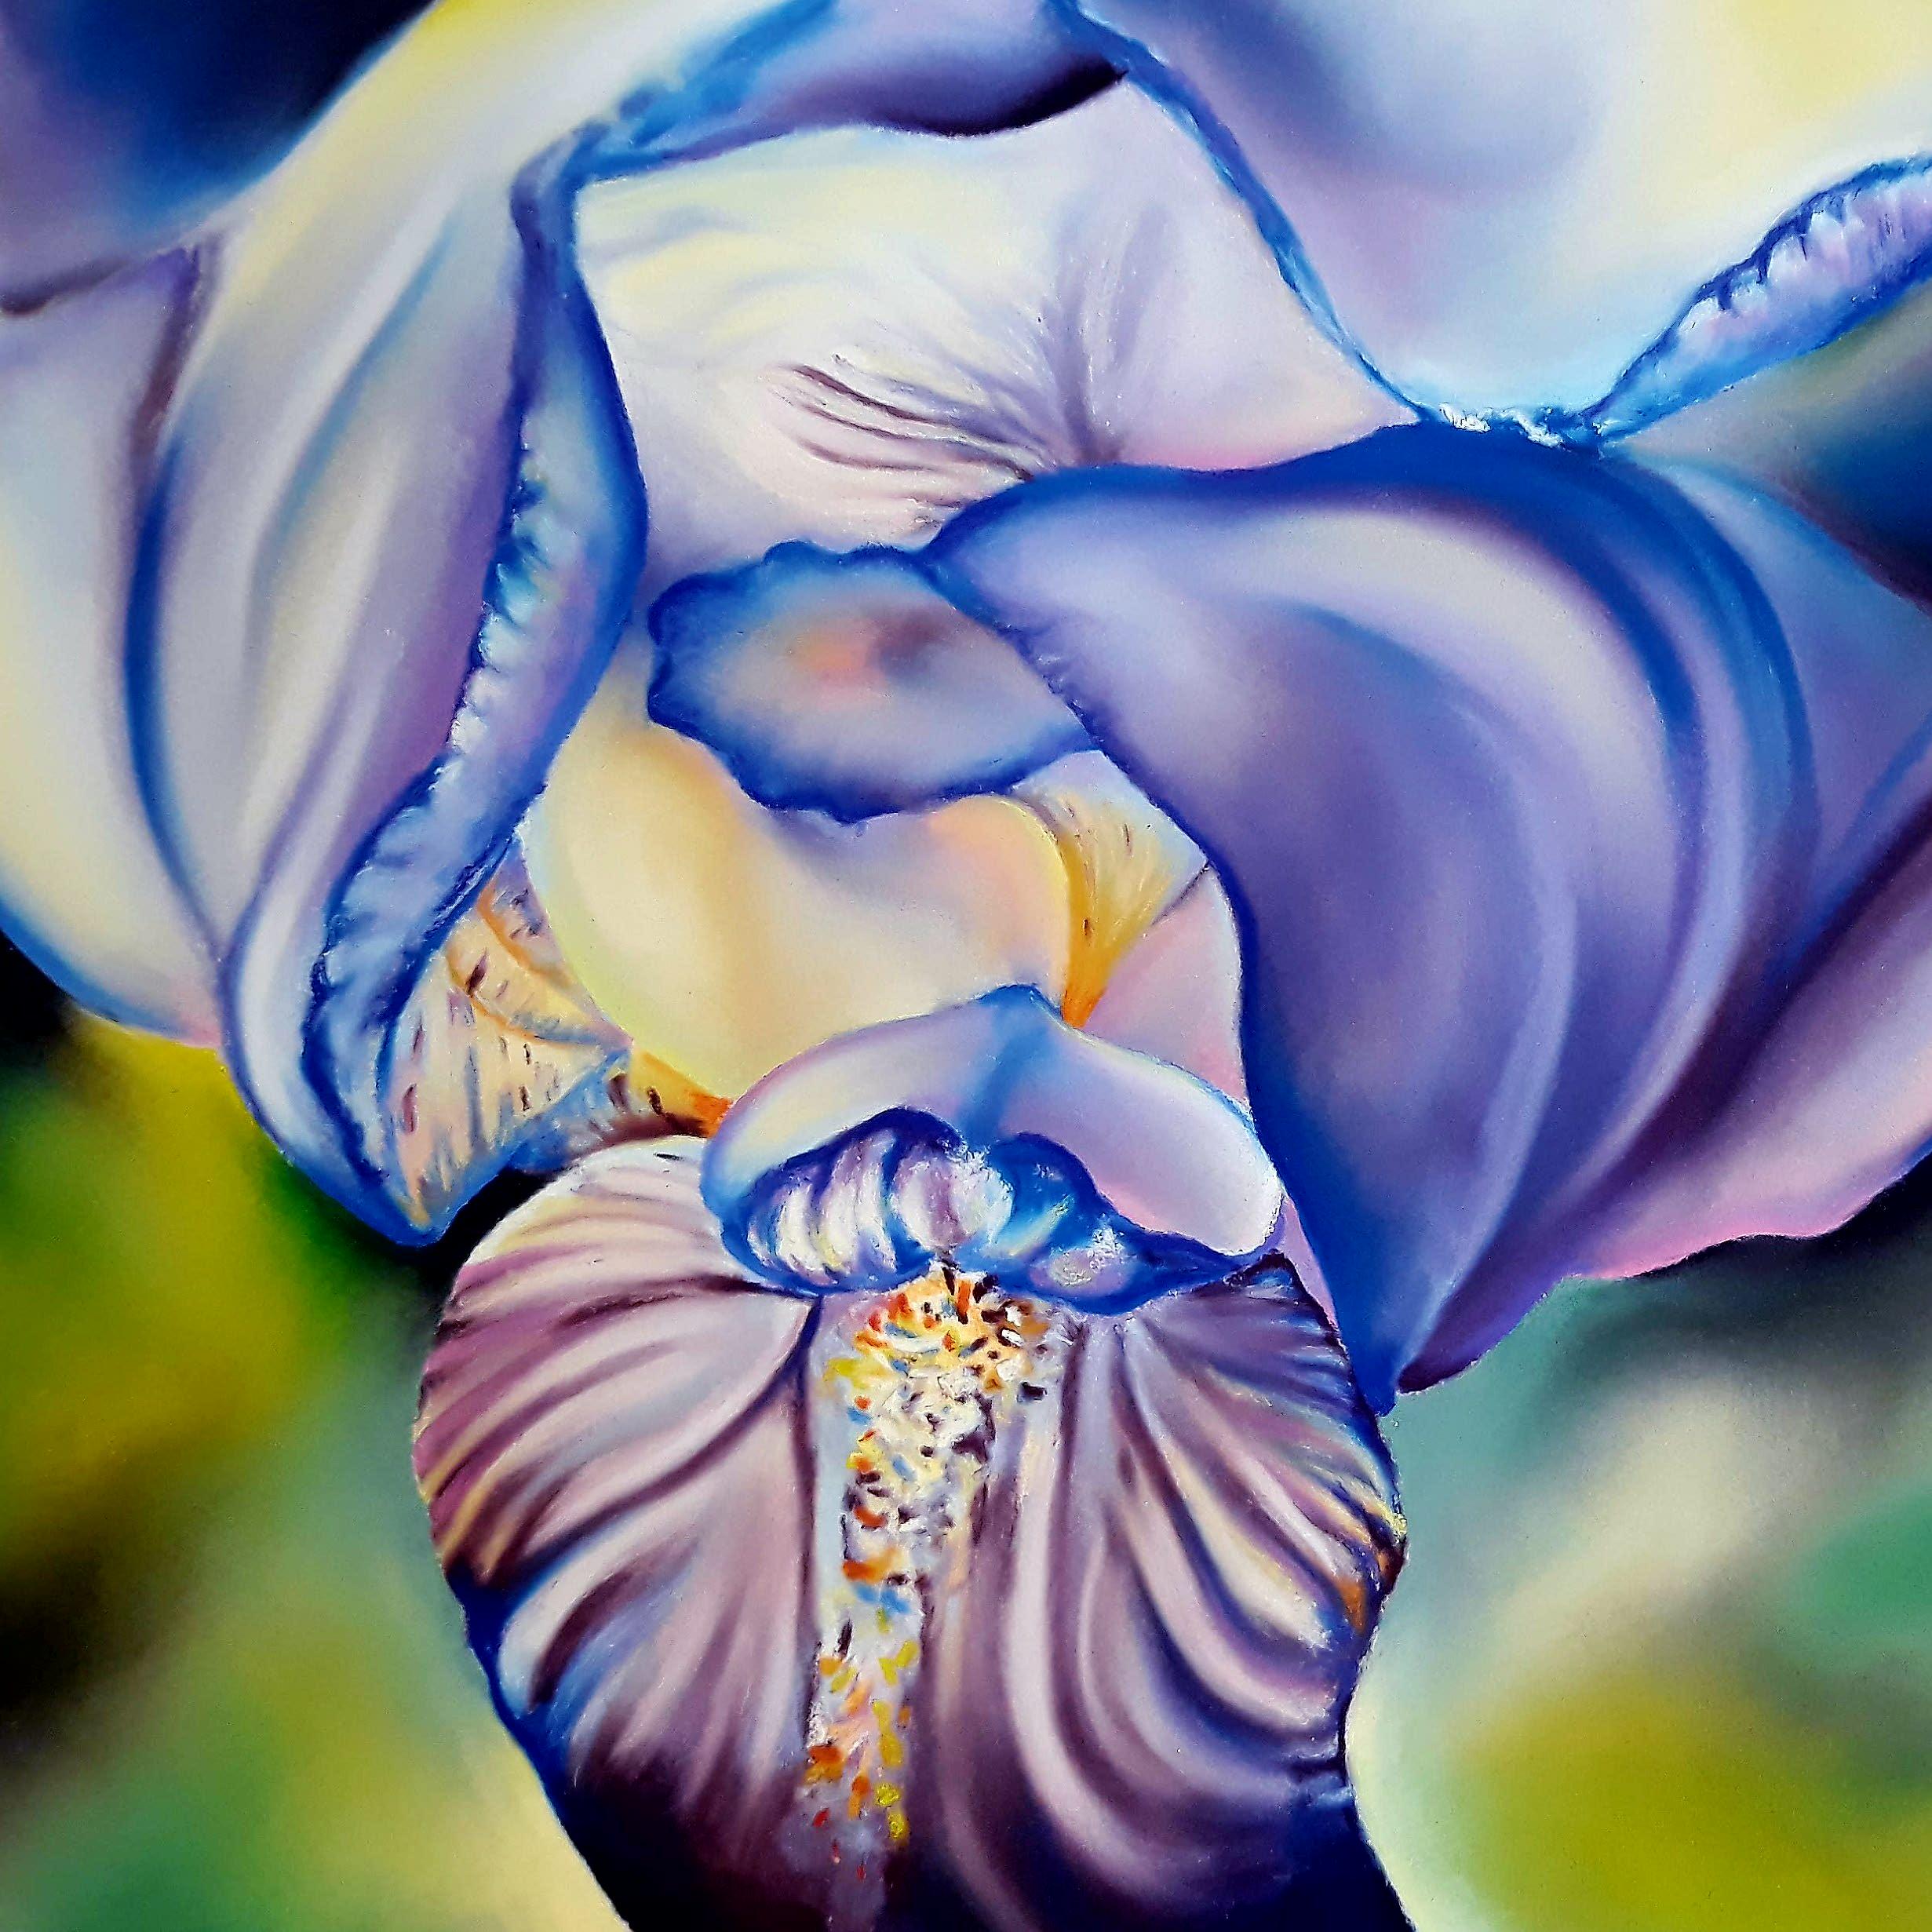 iris-bleu - pastel sur papier - 24 x 24 cm